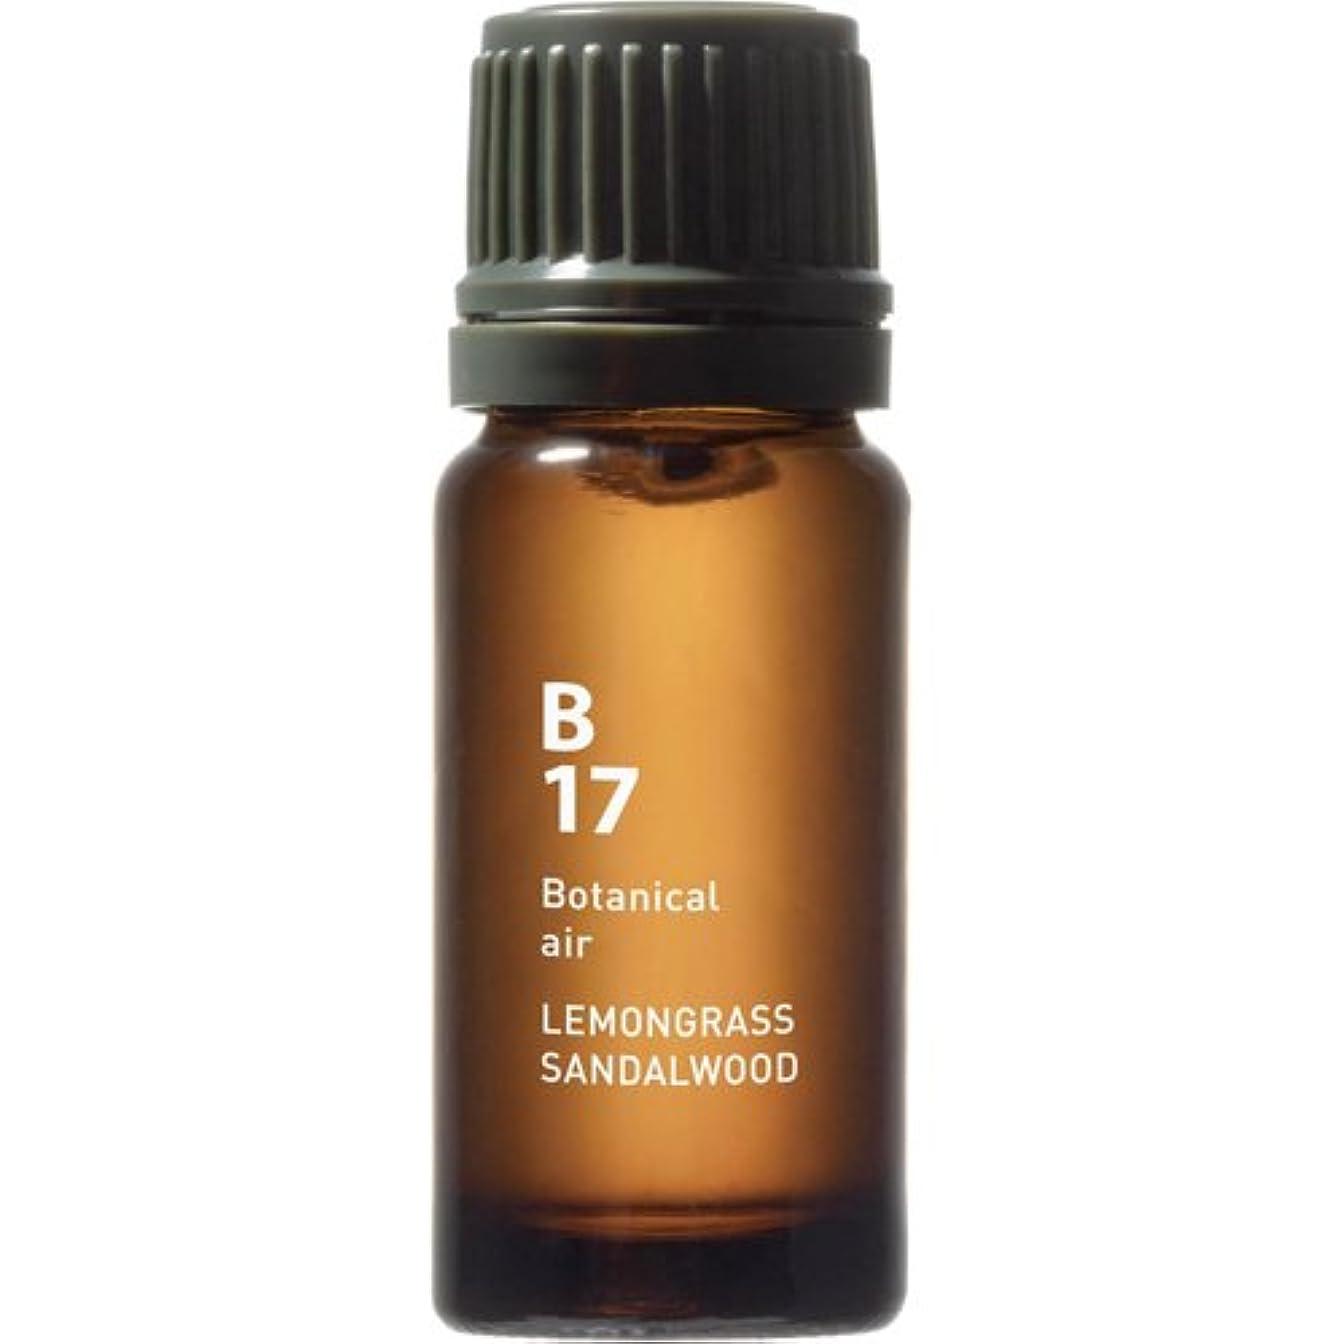 炎上肉屋富豪B17 レモングラスサンダルウッド Botanical air(ボタニカルエアー) 10ml